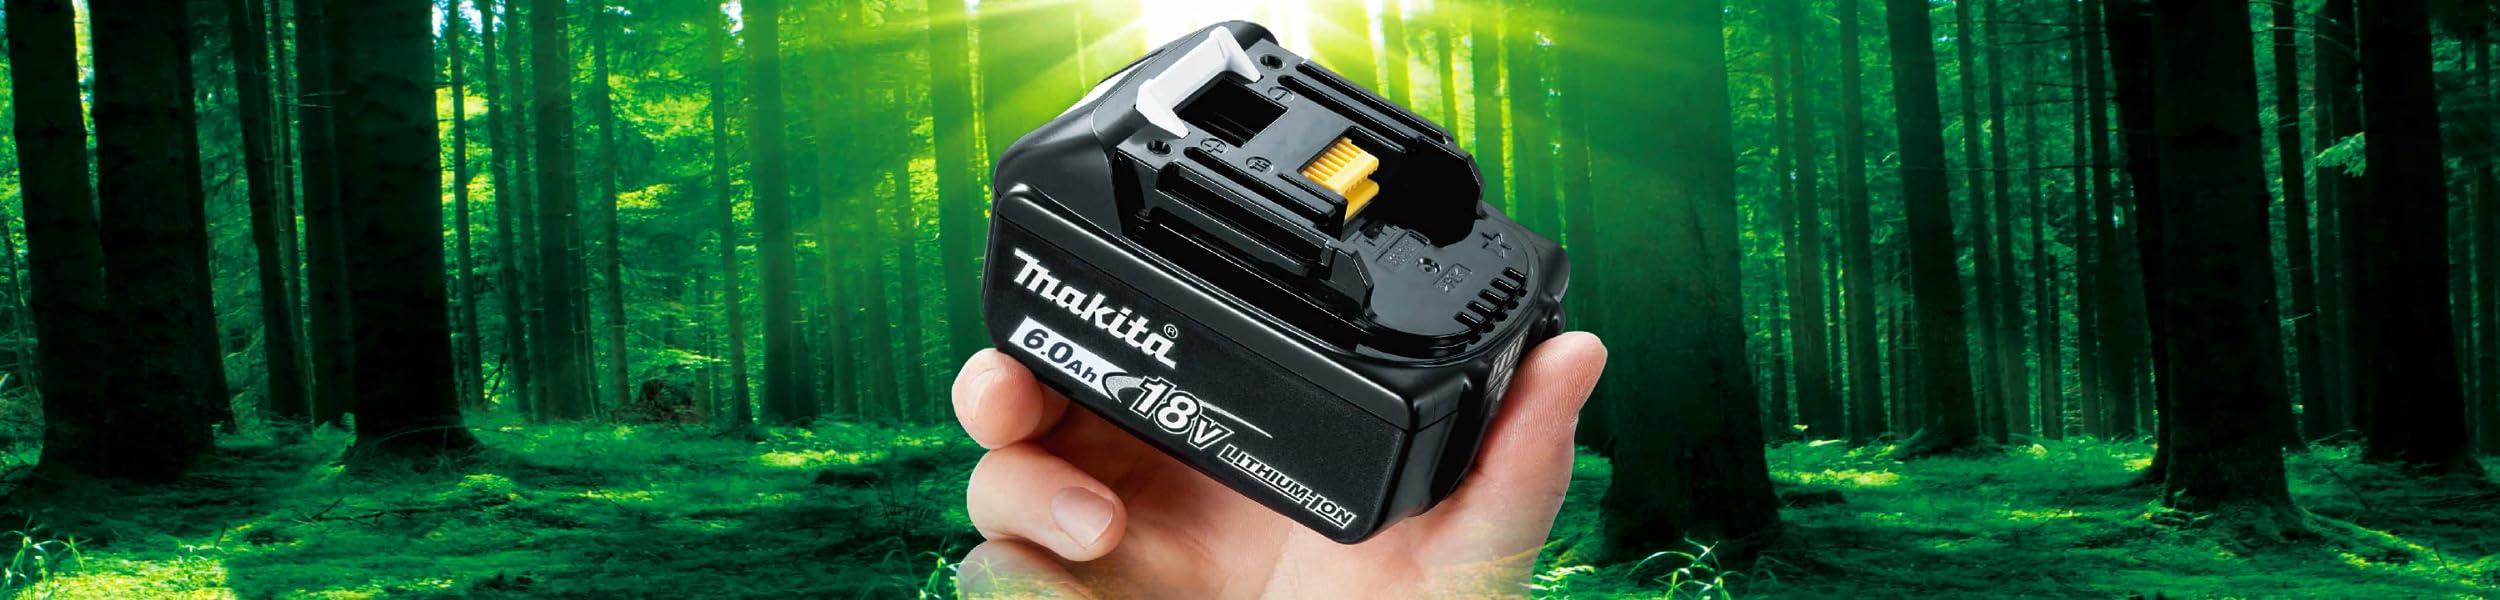 マキタの充電式園芸工具シリーズ